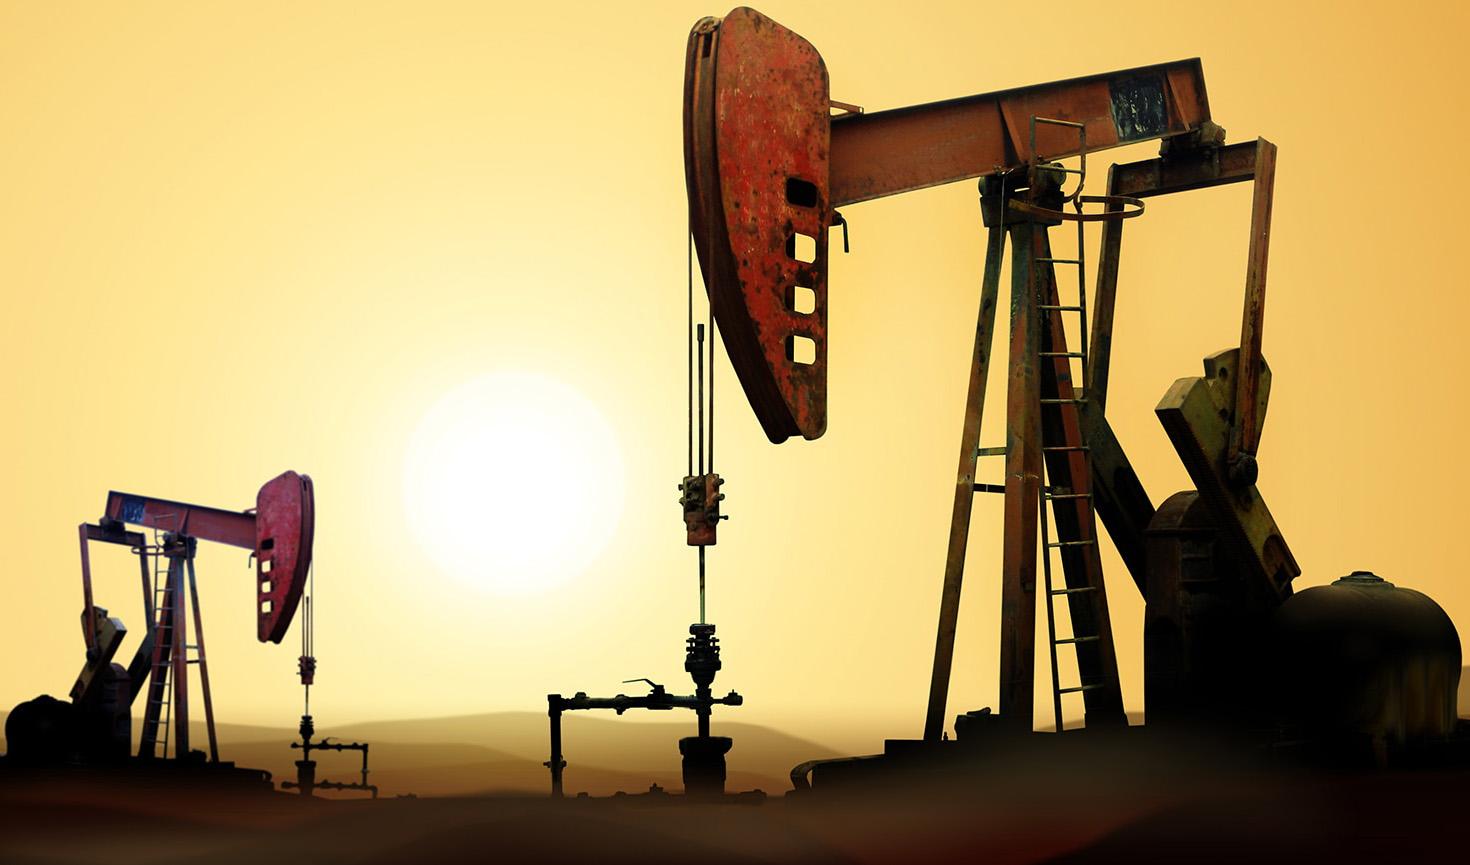 بارگیری ۹۰۰ هزار بشکه نفت ایران به مقصد ژاپن